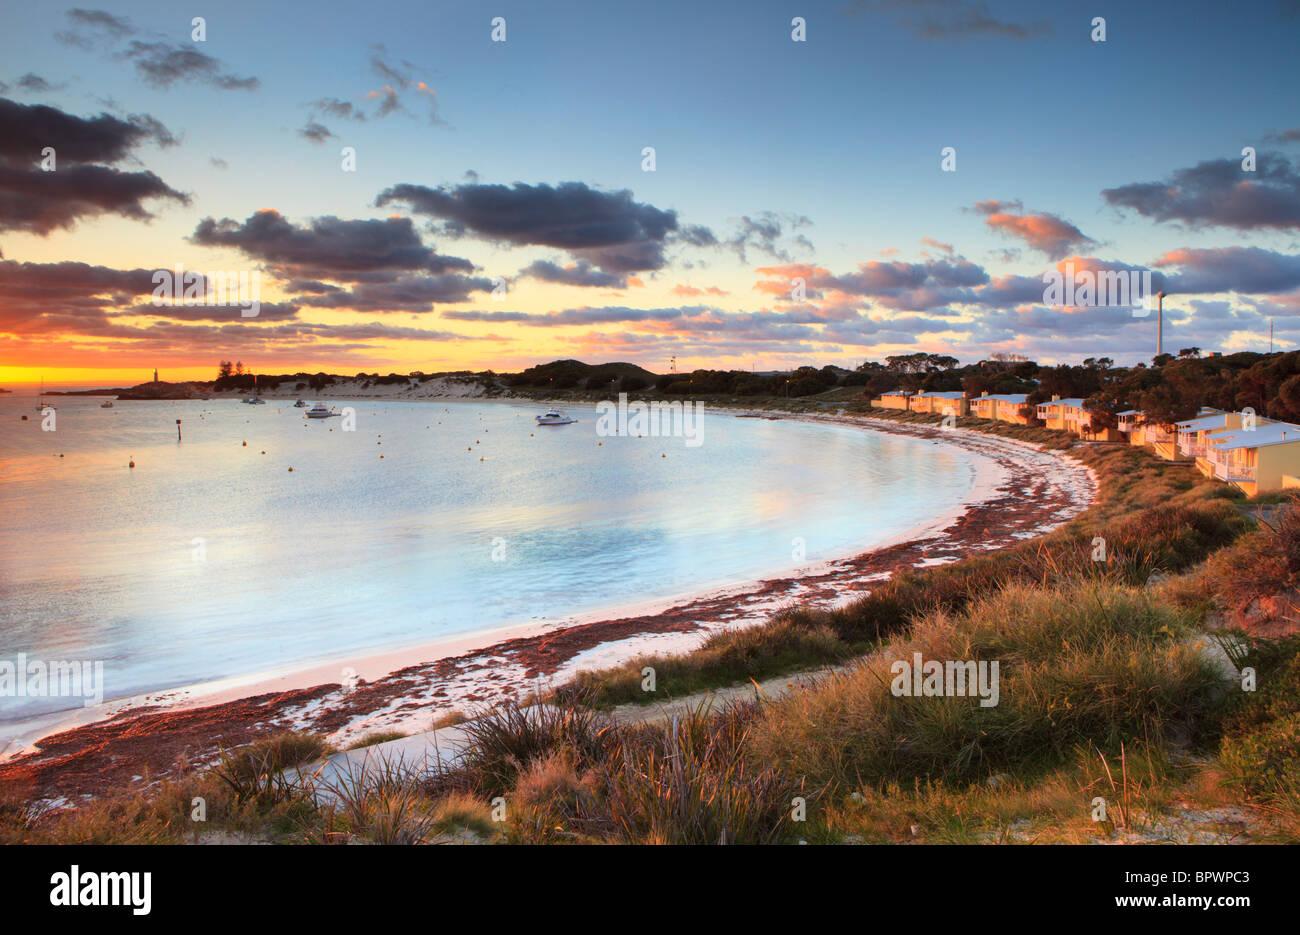 Holiday homes at Longreach Bay at sunrise. - Stock Image